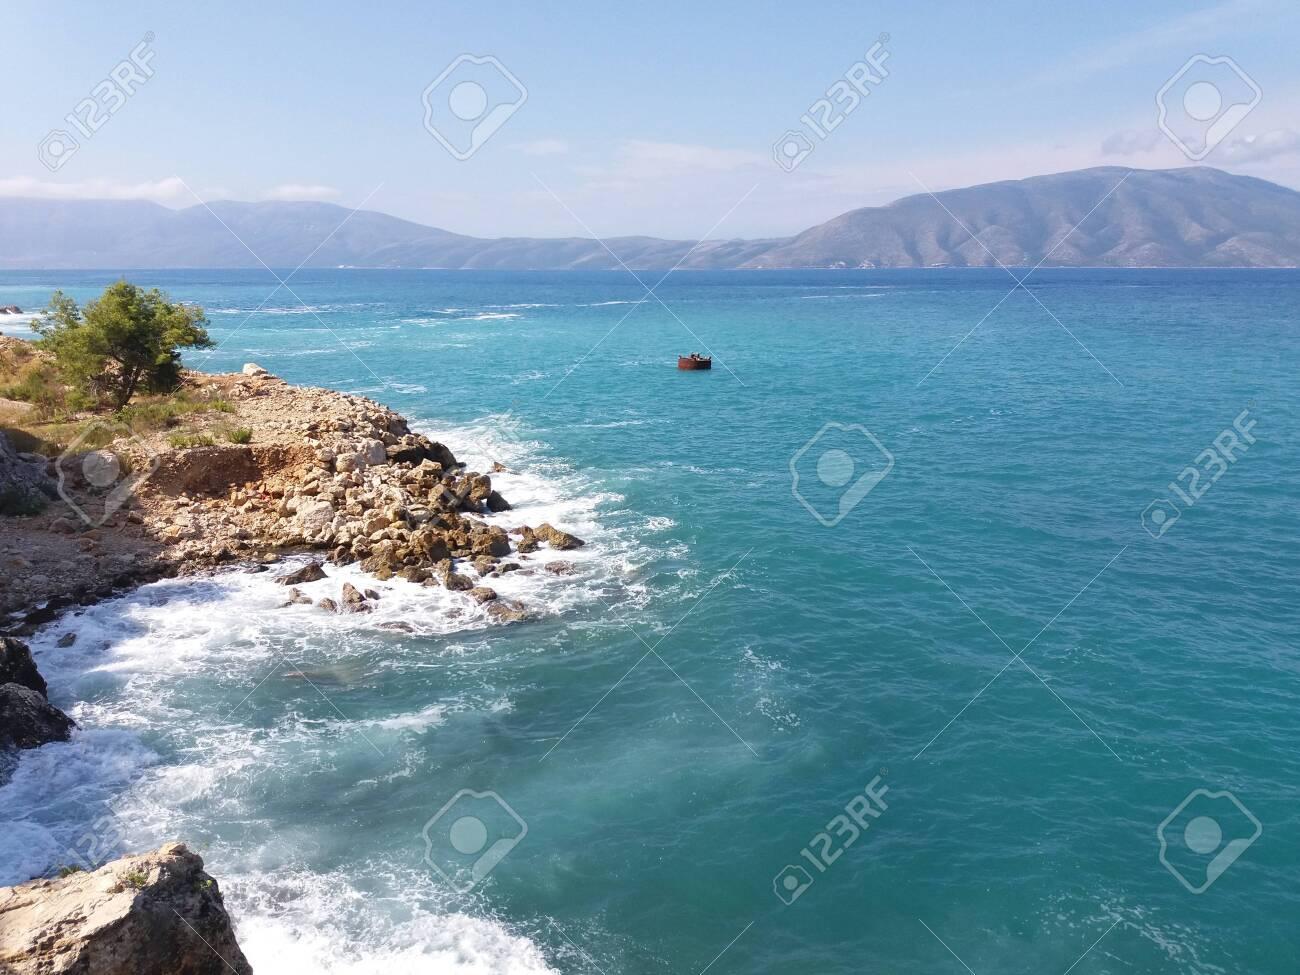 Summer Albania beach sea view - 120448037